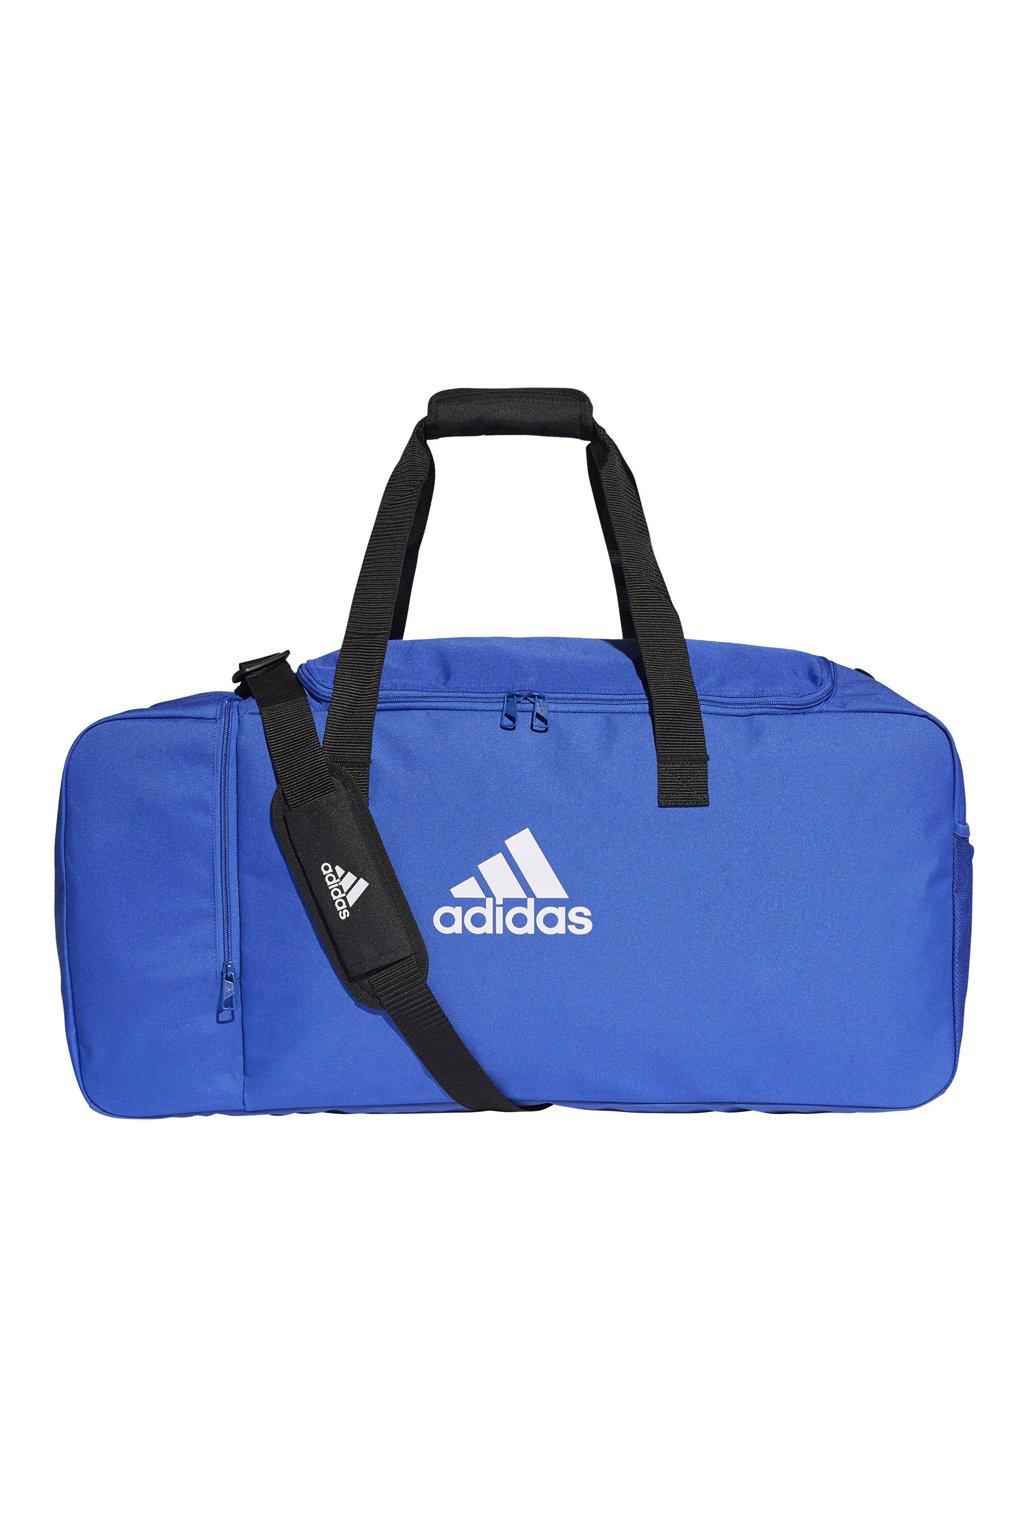 Taška adidas Tiro Duffel L blue DU1984